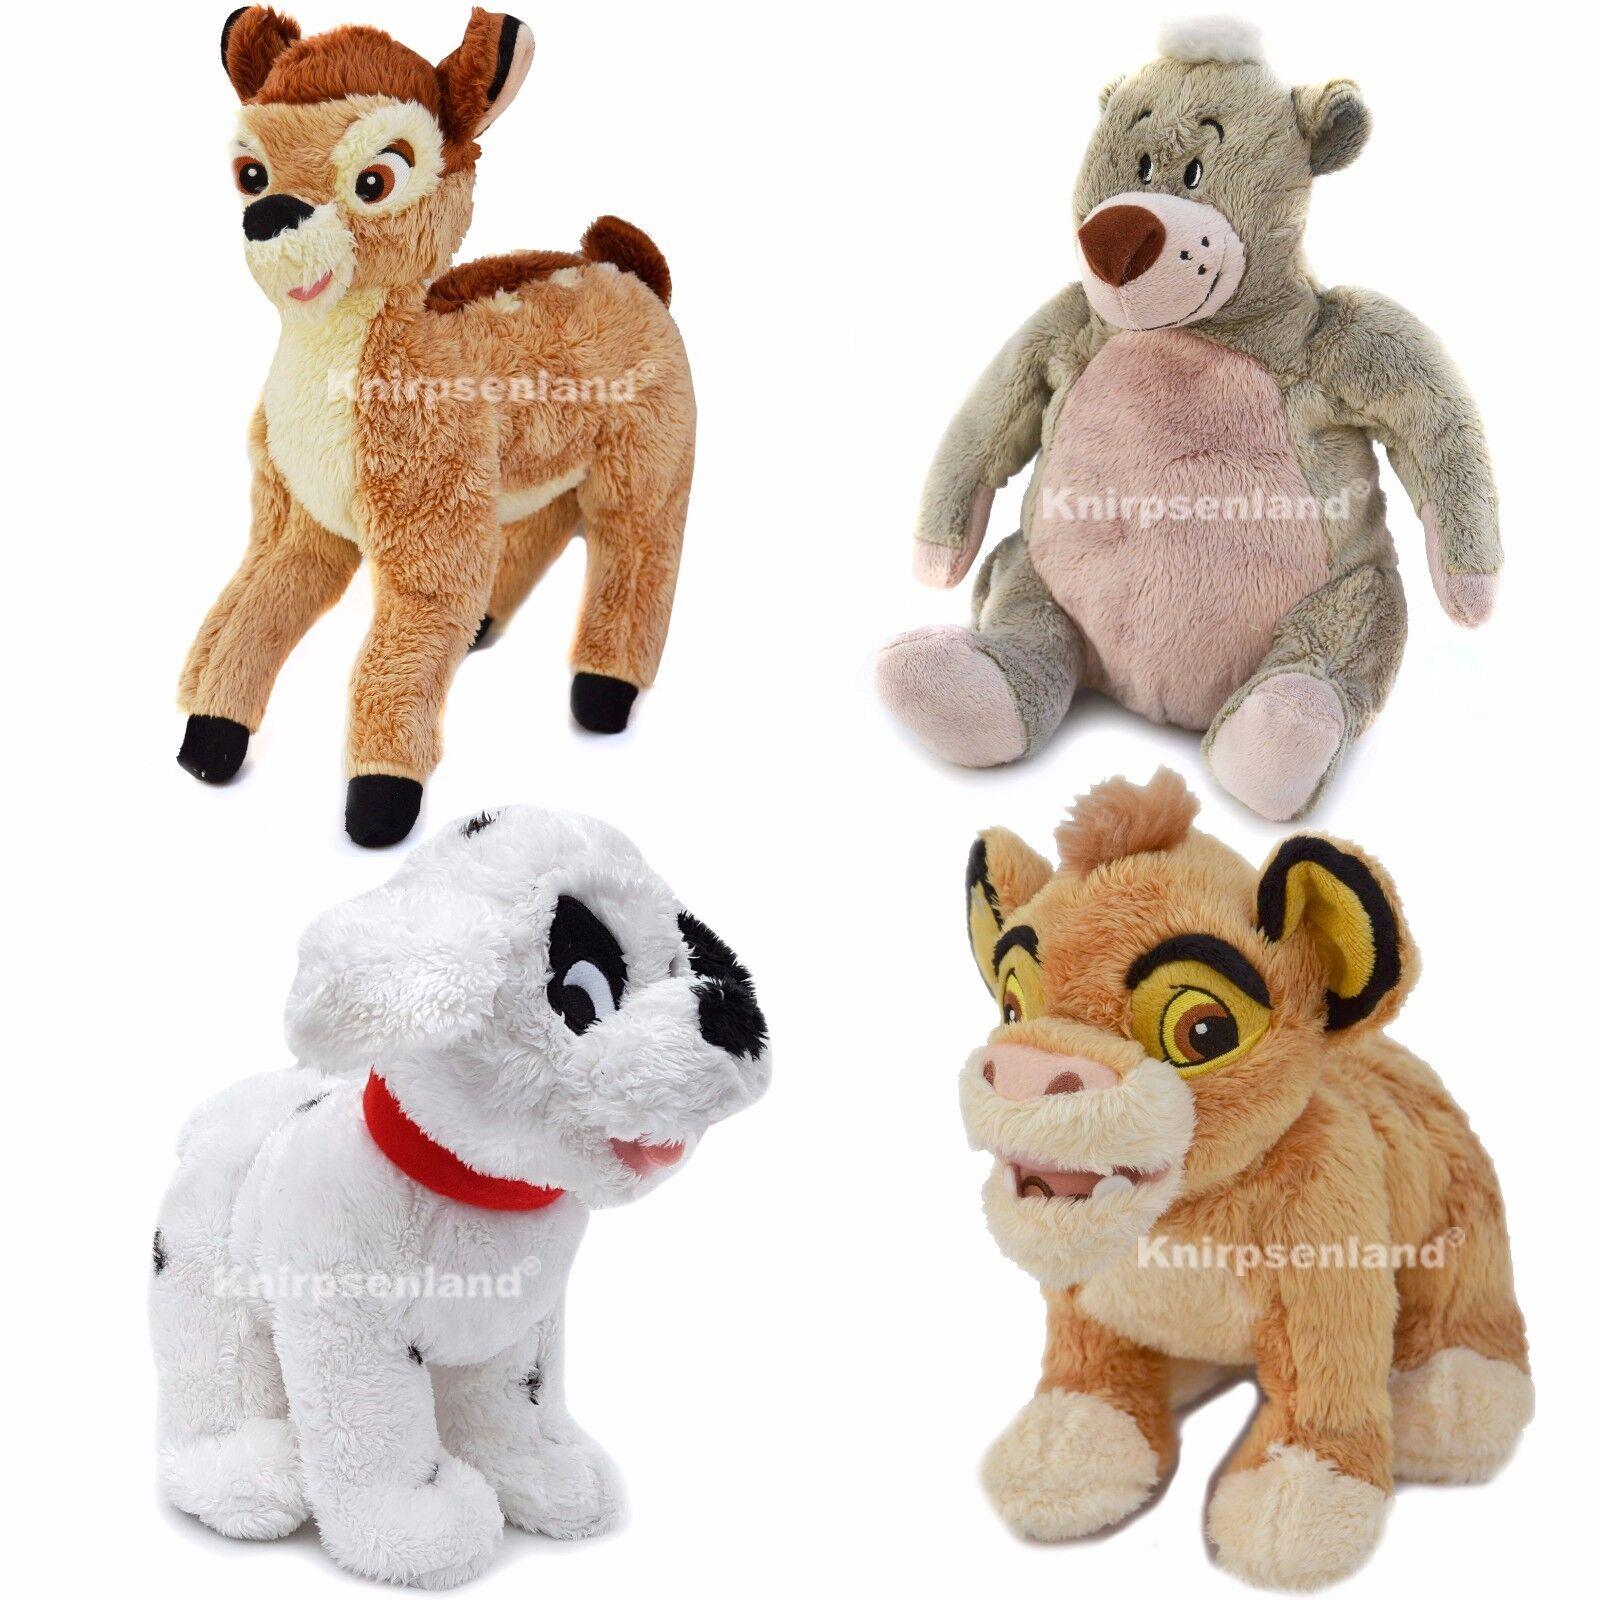 Disney Plüschfigur Kuscheltier Plüschtier Balu Kion Bambi 101 Dalmatiner Hund B